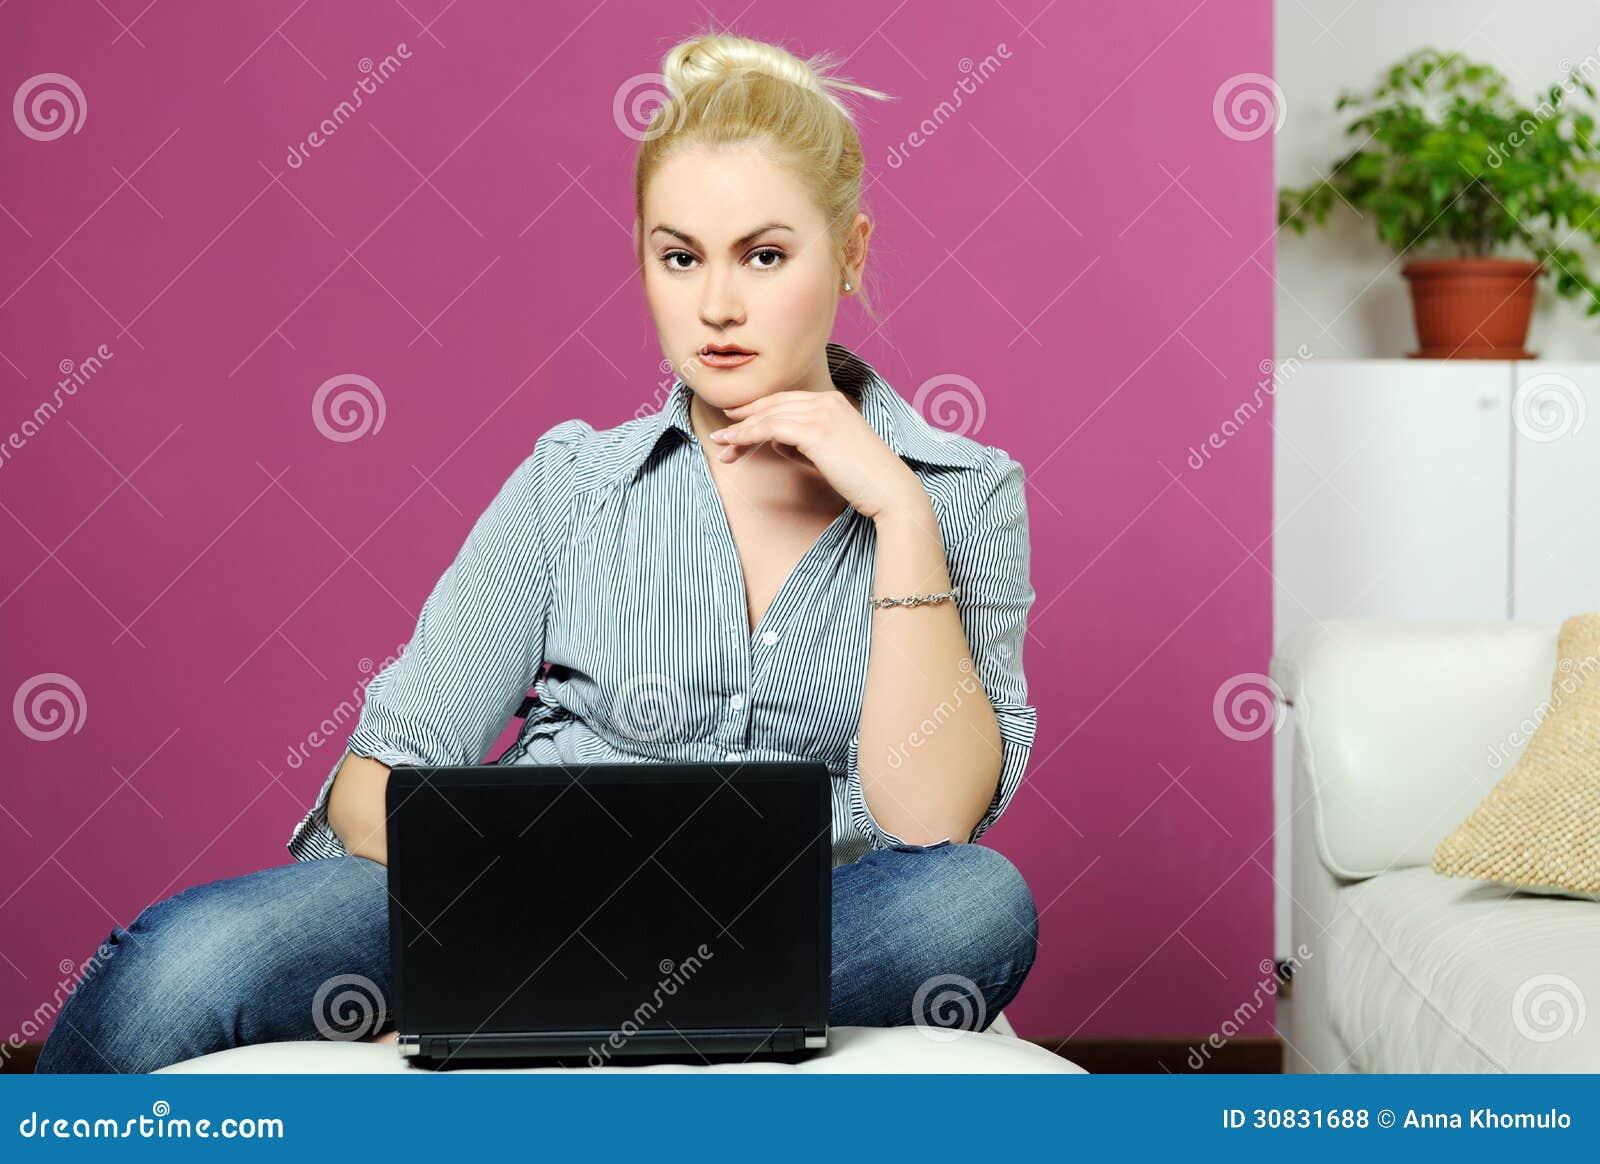 Ragazza con il computer portatile a casa